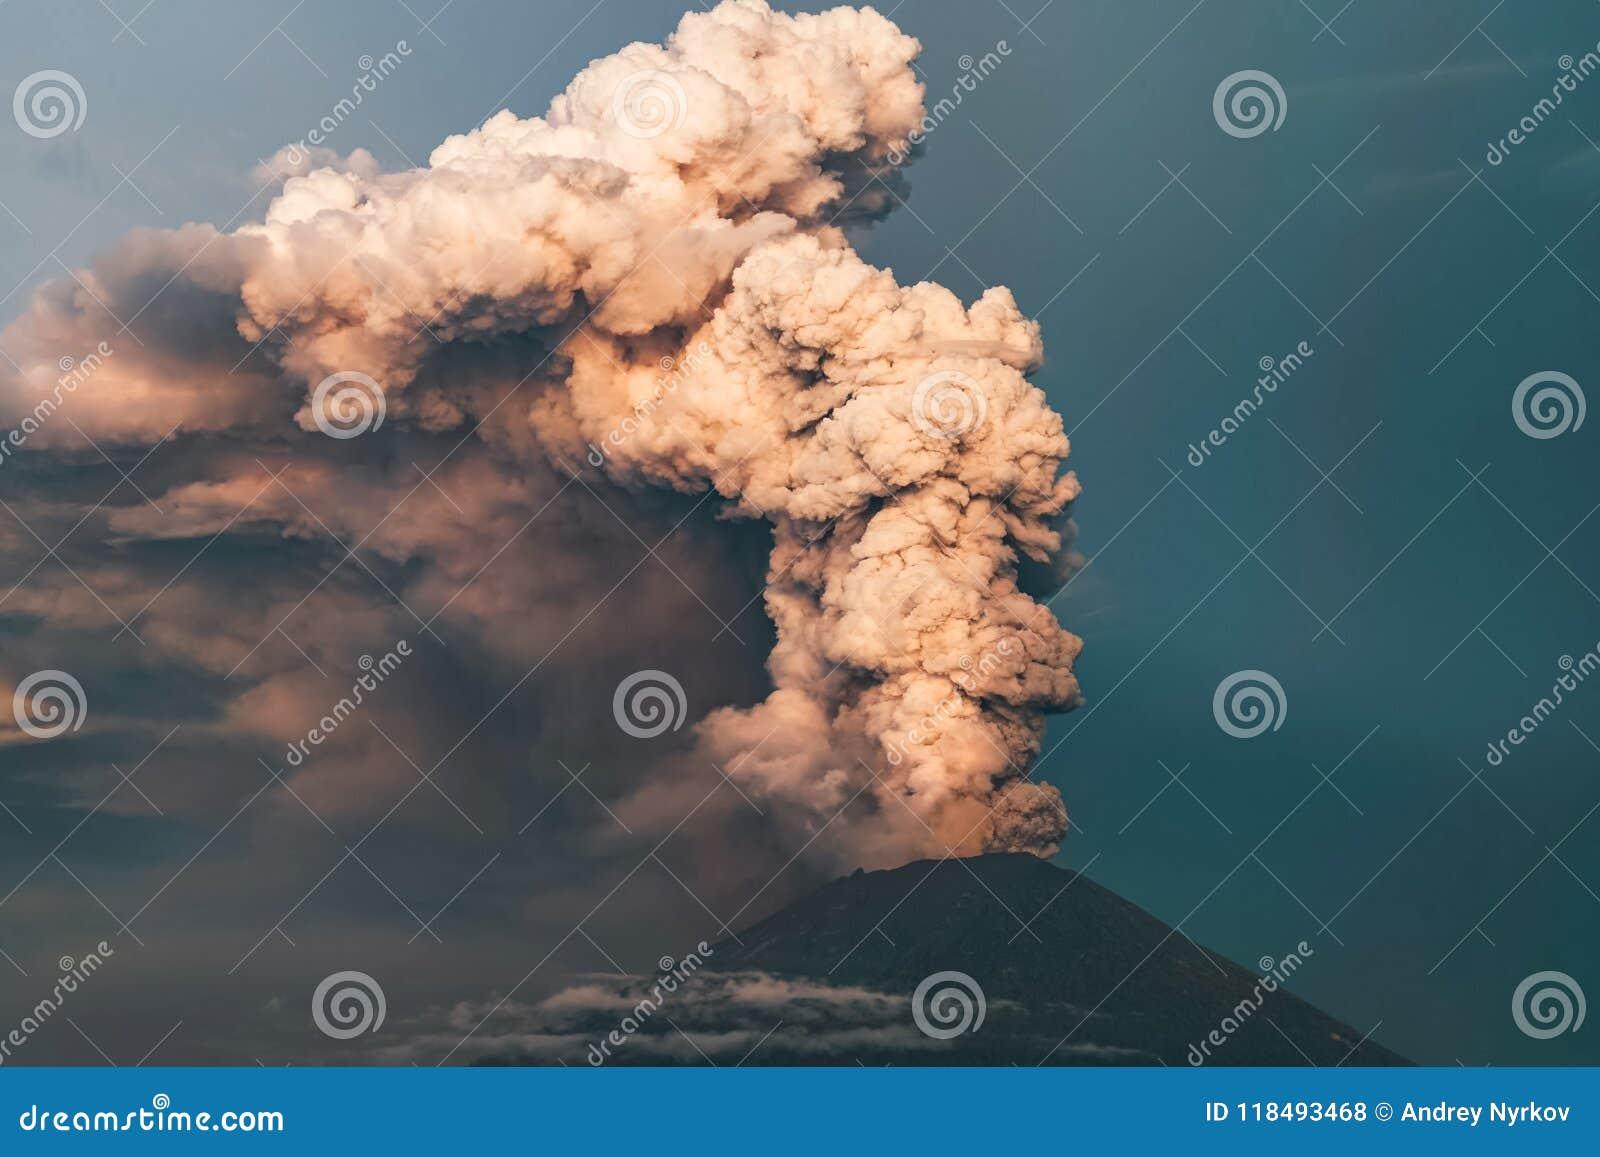 Uitbarsting Clubs van rook en as in de atmosfeer